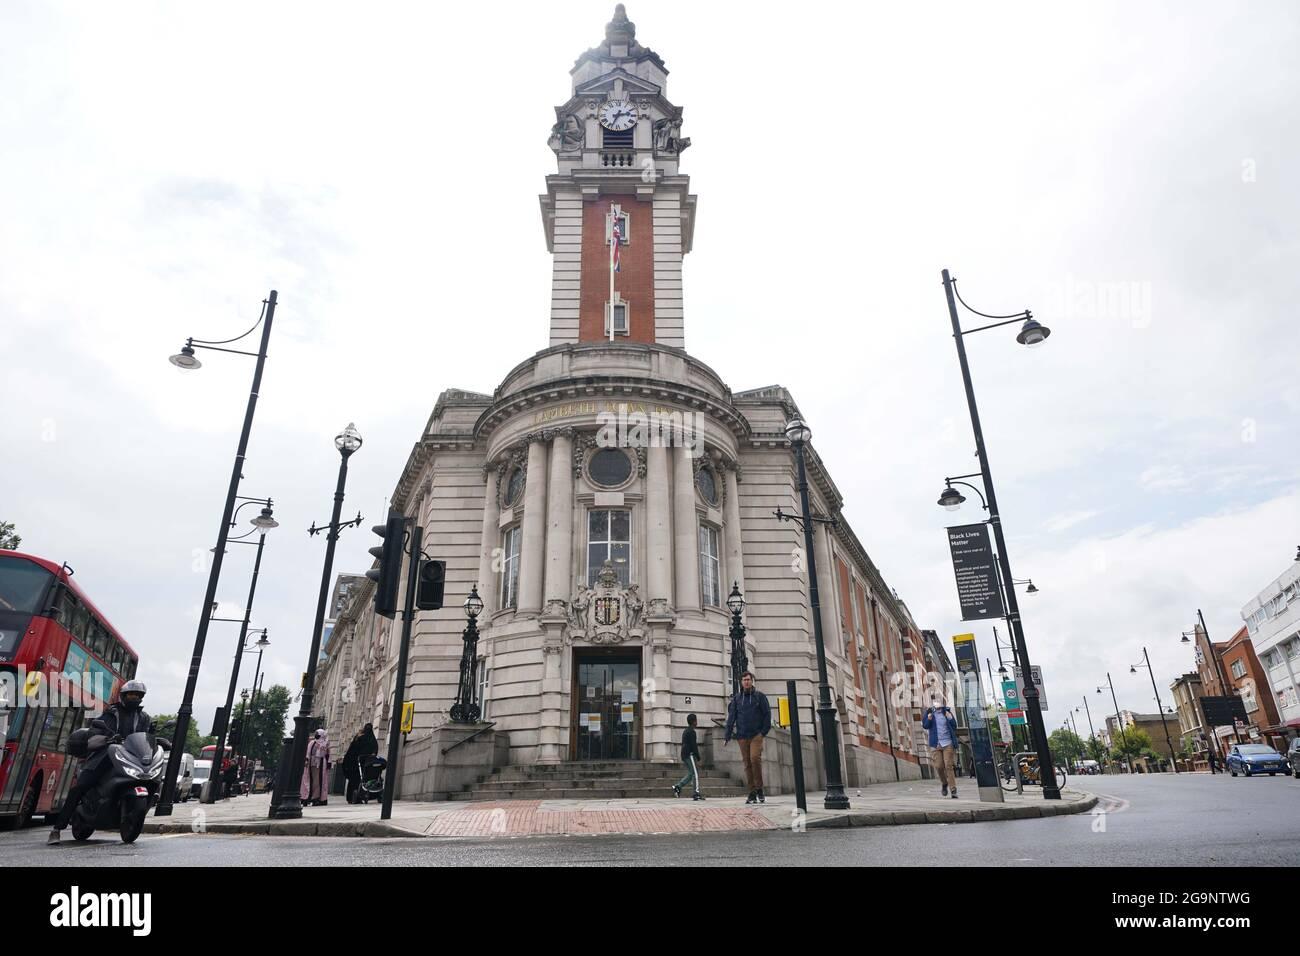 Hôtel de ville de Lambeth, dans le sud de Londres, le siège du Conseil de Lambeth. L'enquête indépendante sur les violences sexuelles infligées aux enfants (IICSA) a révélé que le personnel du conseil de Lambeth « avait mis les enfants vulnérables sur le chemin » des délinquants sexuels, qui ont infiltré les foyers d'enfants et les foyers d'accueil, avec des « conséquences tout au long de la vie pour leurs victimes ». Le rapport a trouvé des « preuves claires » que les délinquants sexuels et les personnes soupçonnées d'abus sexuels étaient des collègues dans les foyers pour enfants du Conseil de Lambeth. Date de la photo: Mardi 27 juillet 2021. Banque D'Images